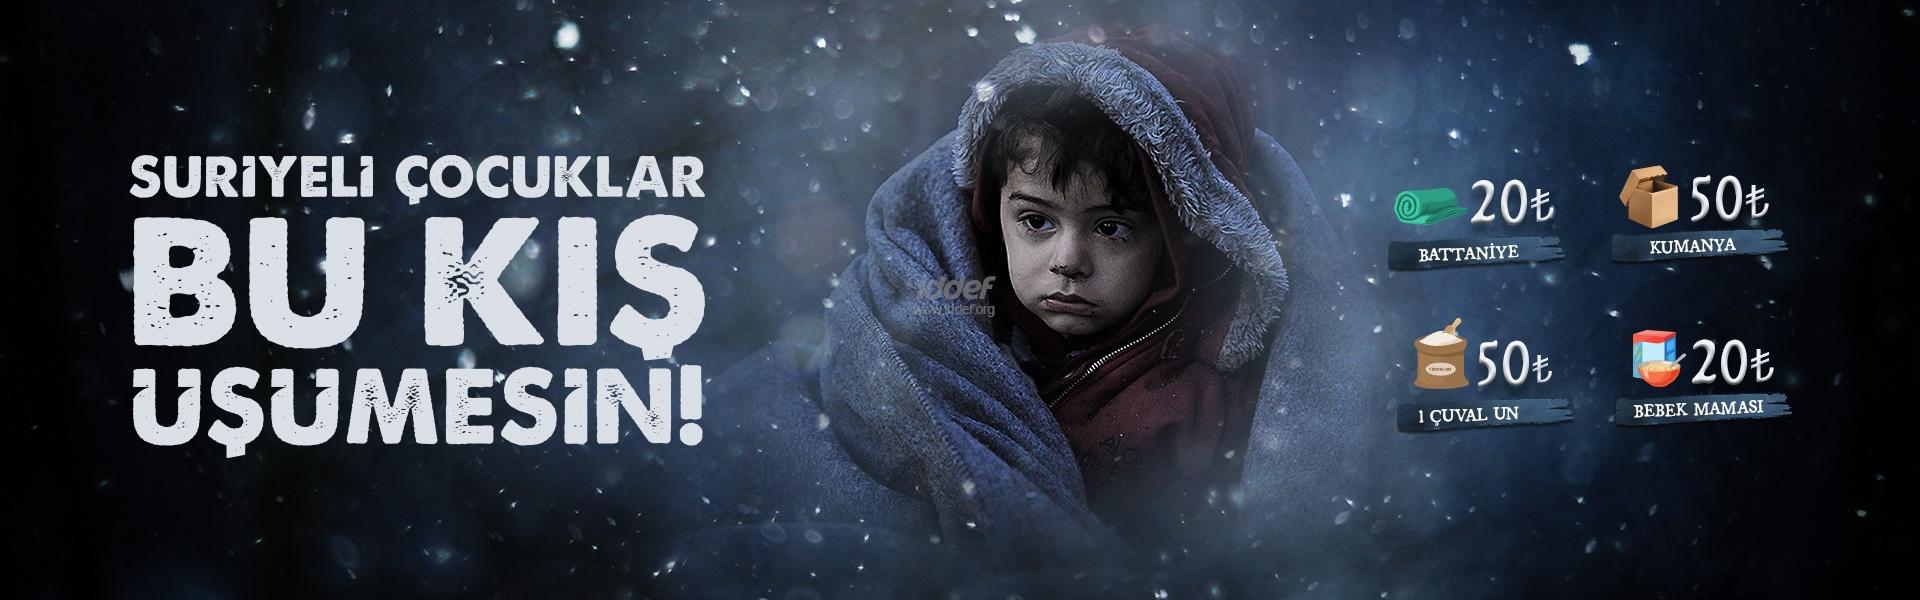 Suriye Kış